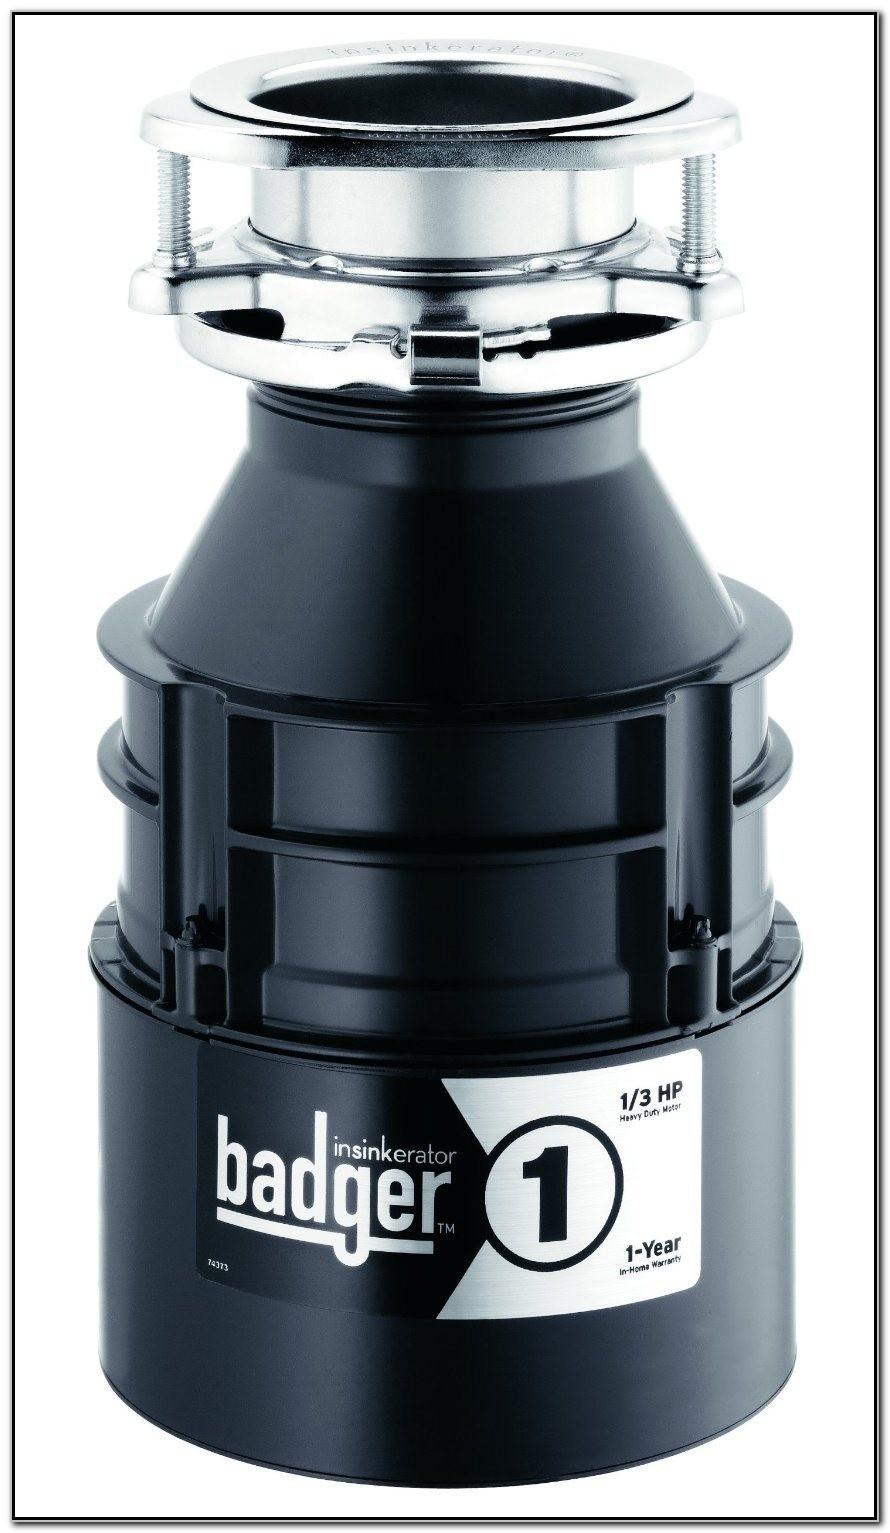 Garbage Disposal Insinkerator Badger 5